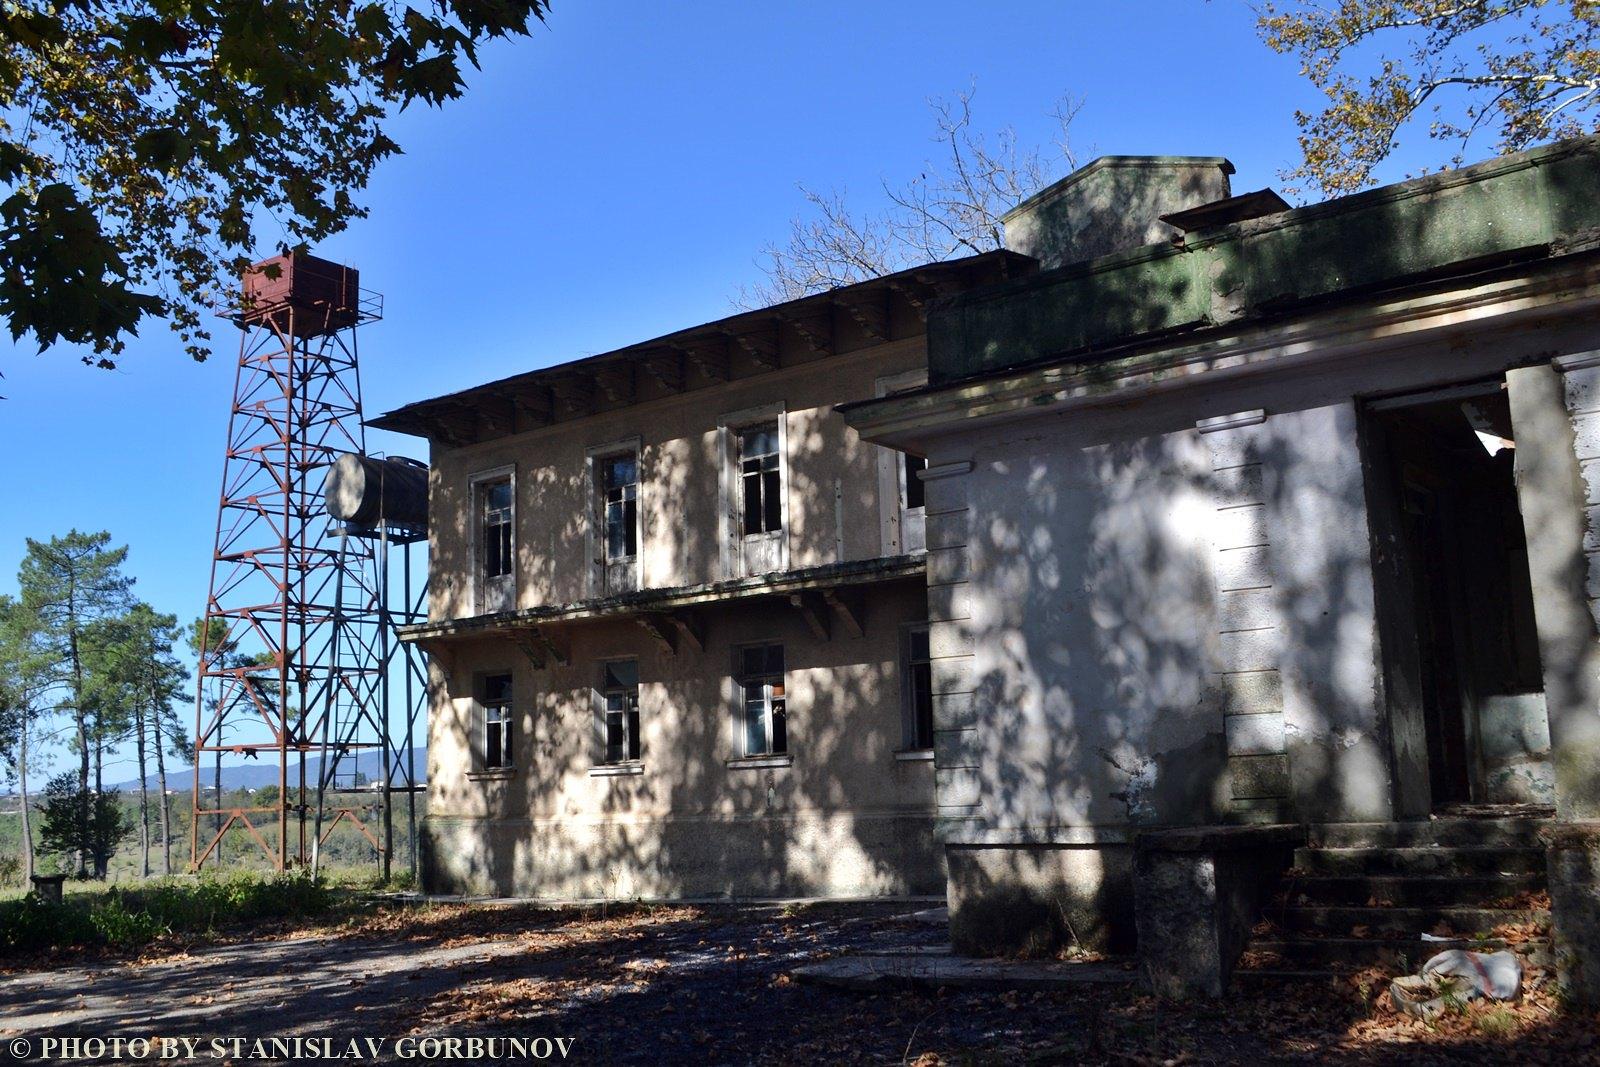 Разруха и забвение. Дача Сталина в грузинском Цхалтубо. stalin11